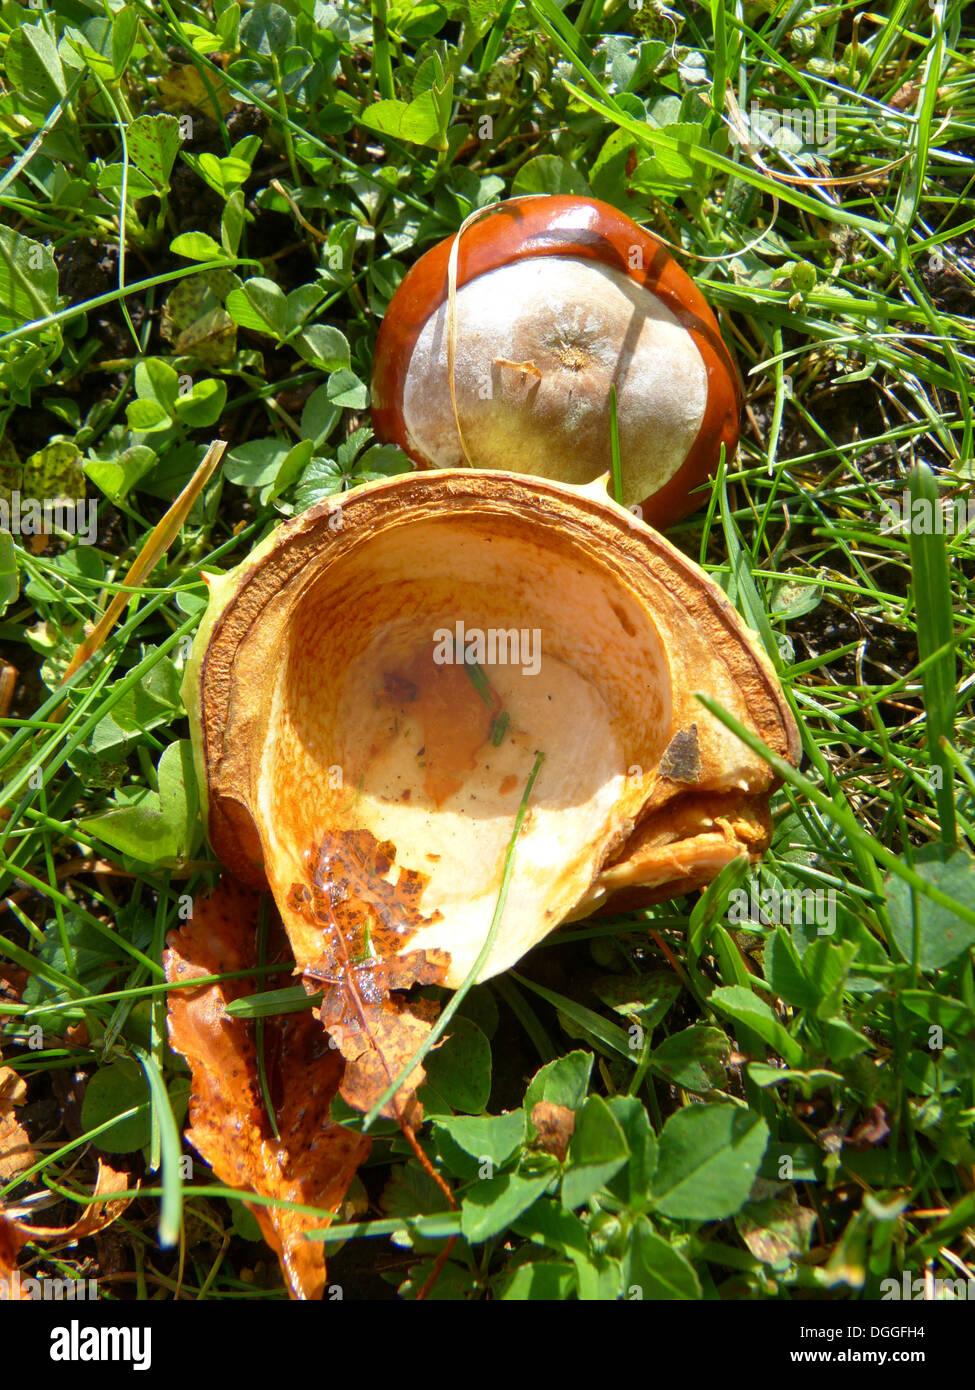 chestnut chestnut fruit fruit tree sleeve brown - Stock Image